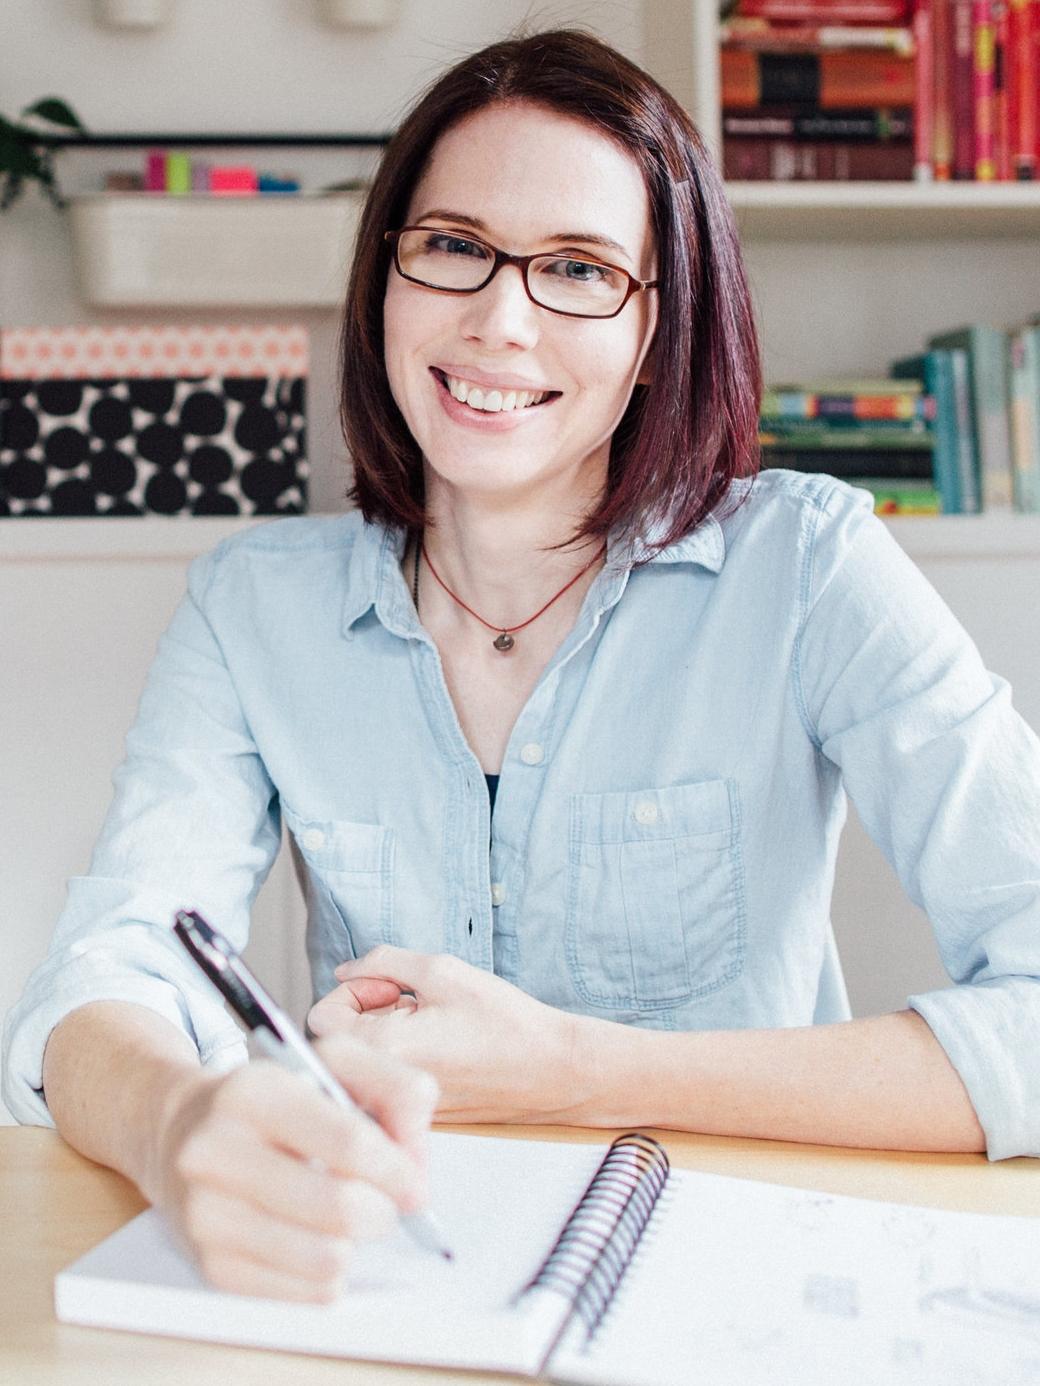 Jessie, Art Director